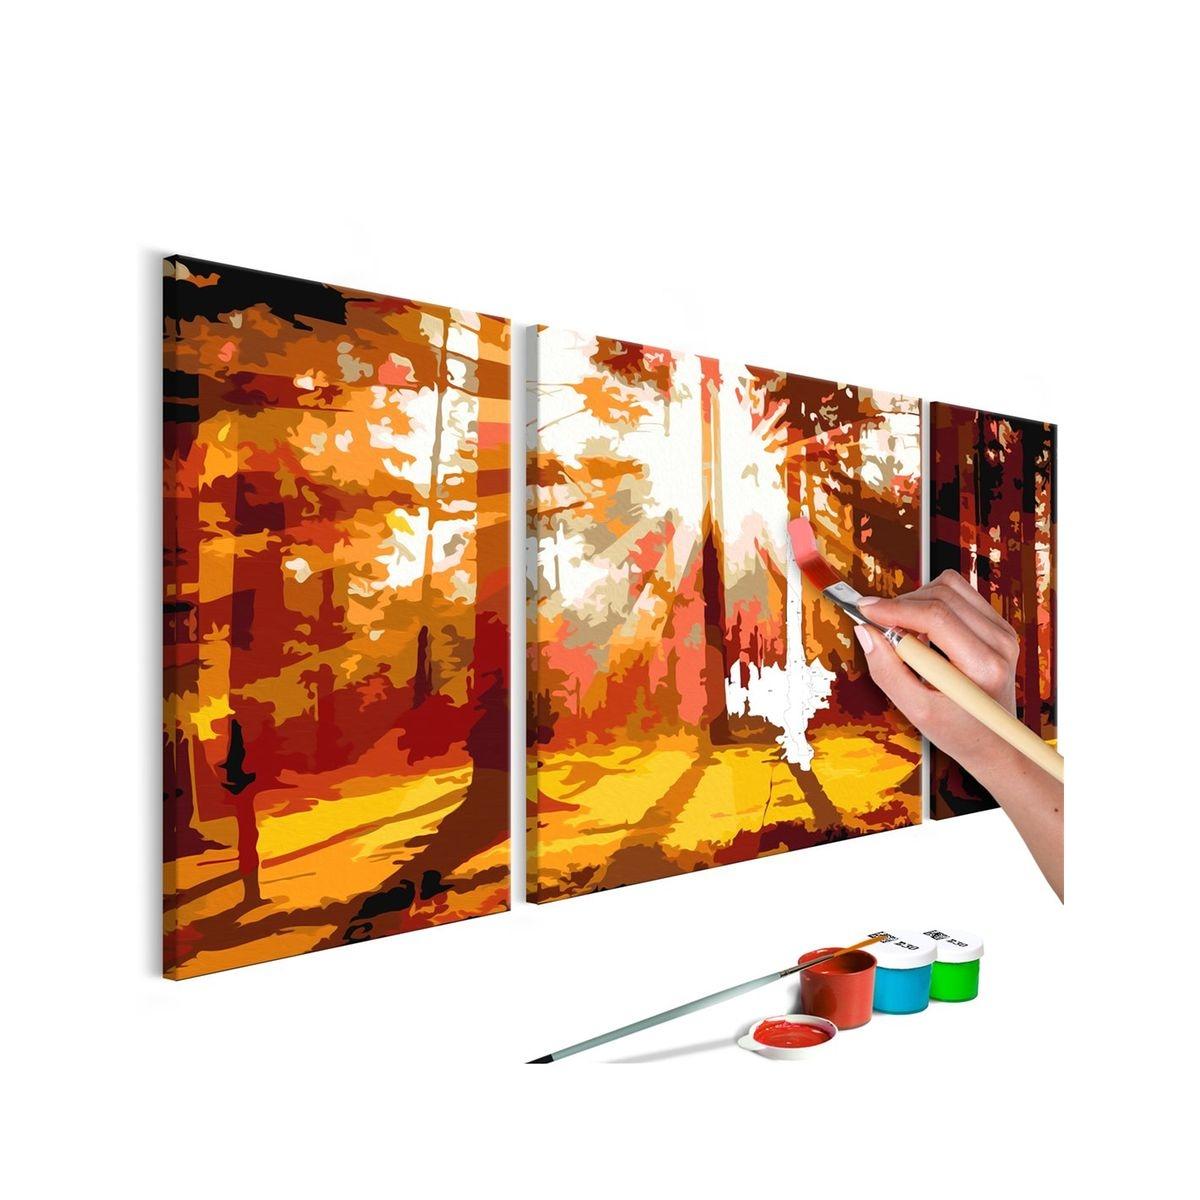 Tableau à peindre soi-même - Forêt (Automne)